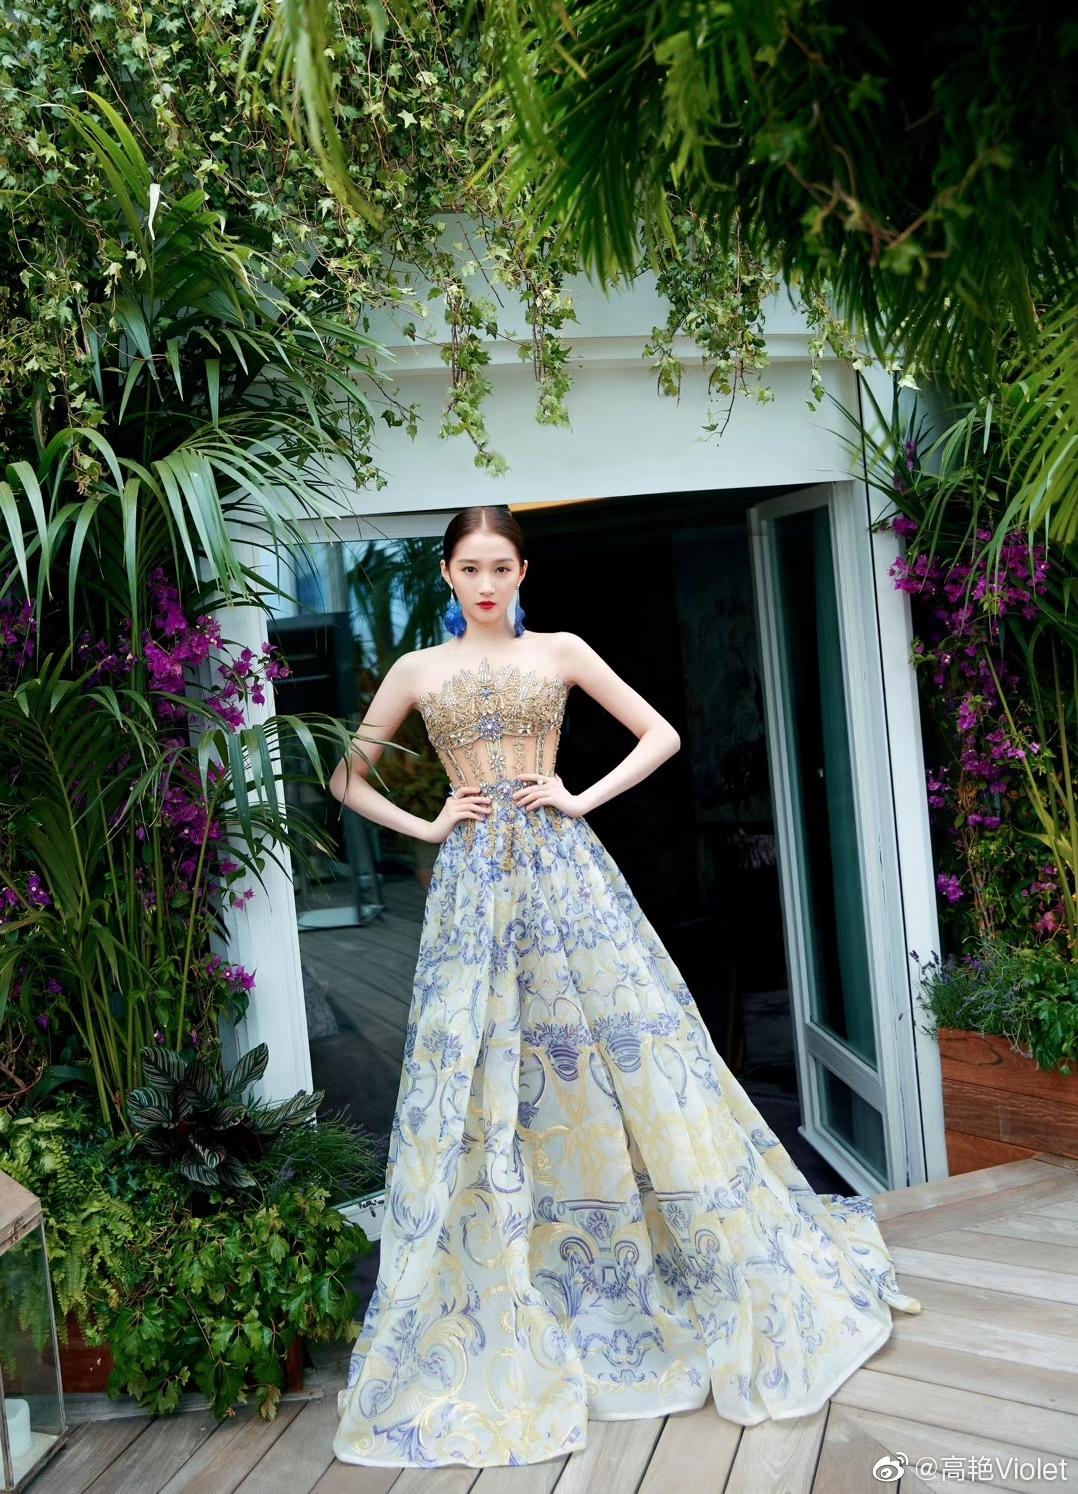 身穿巴洛克出席连衣裙印花戛纳电影节,有电影风的v电影少女古代大胸外国图片